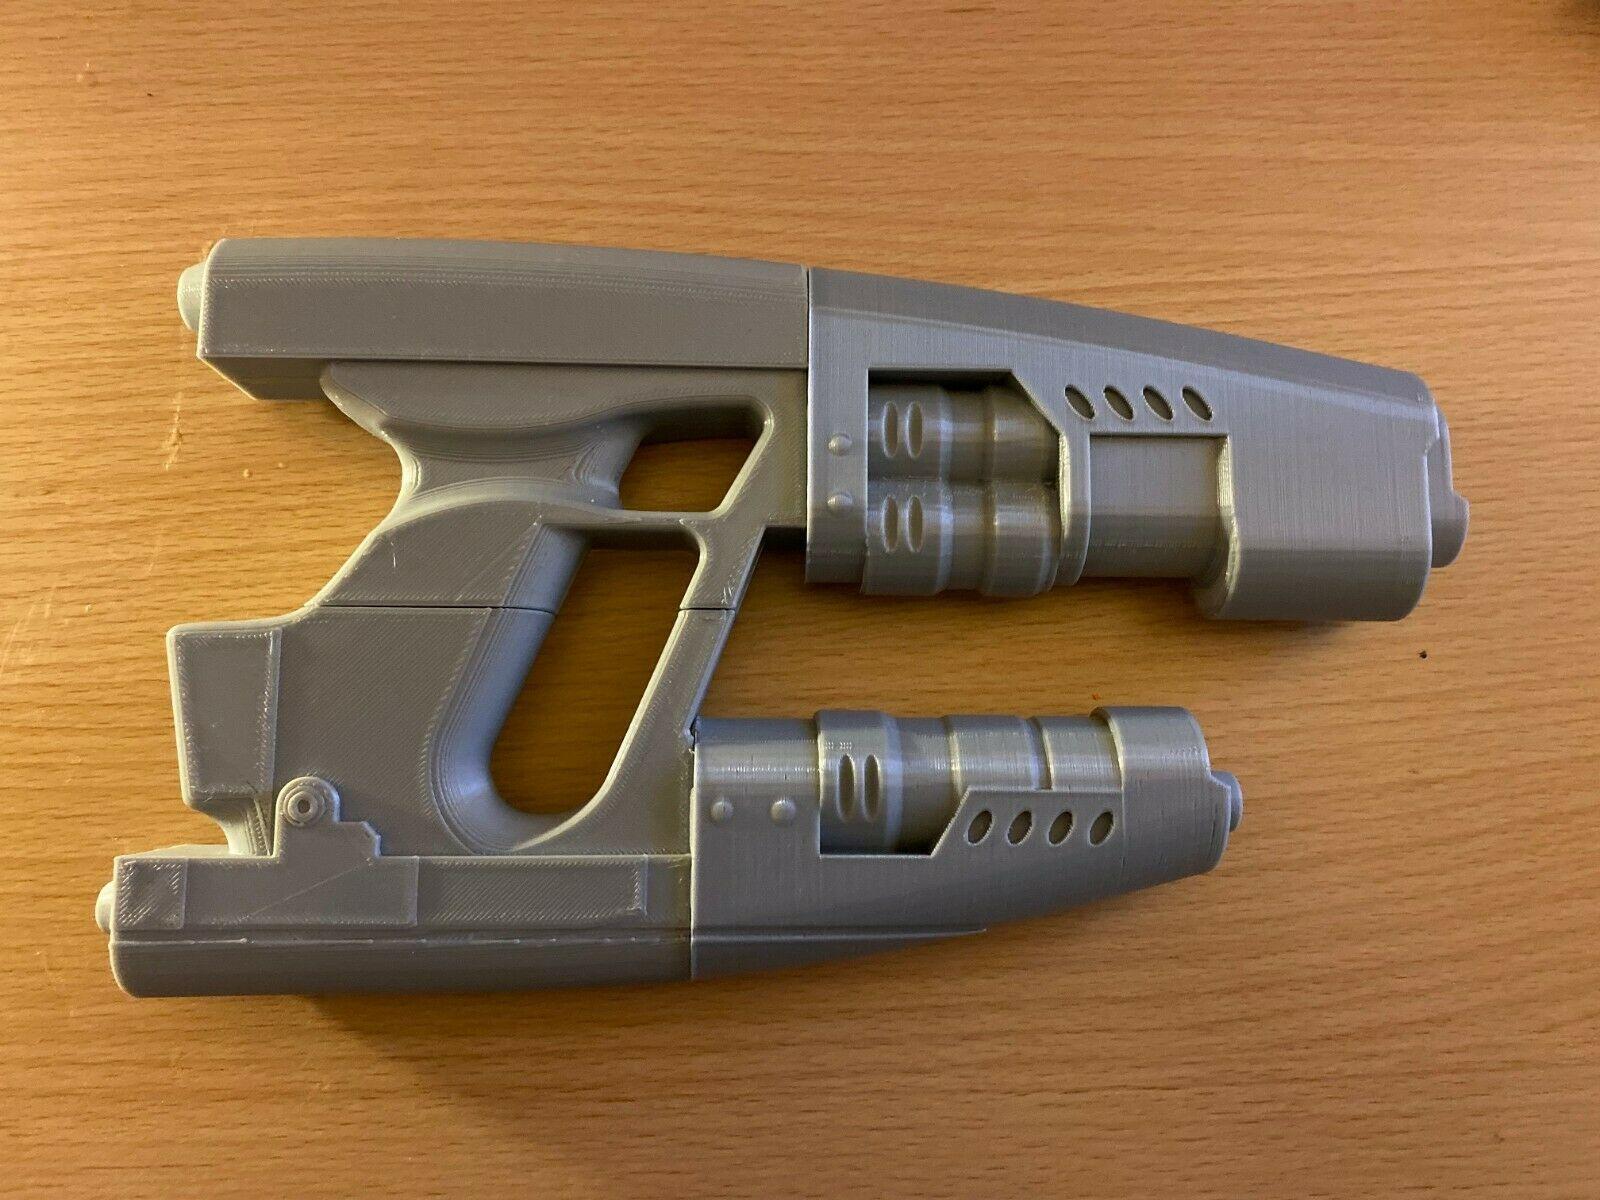 Реквизит, напечатанный на 3D принтере для косплея